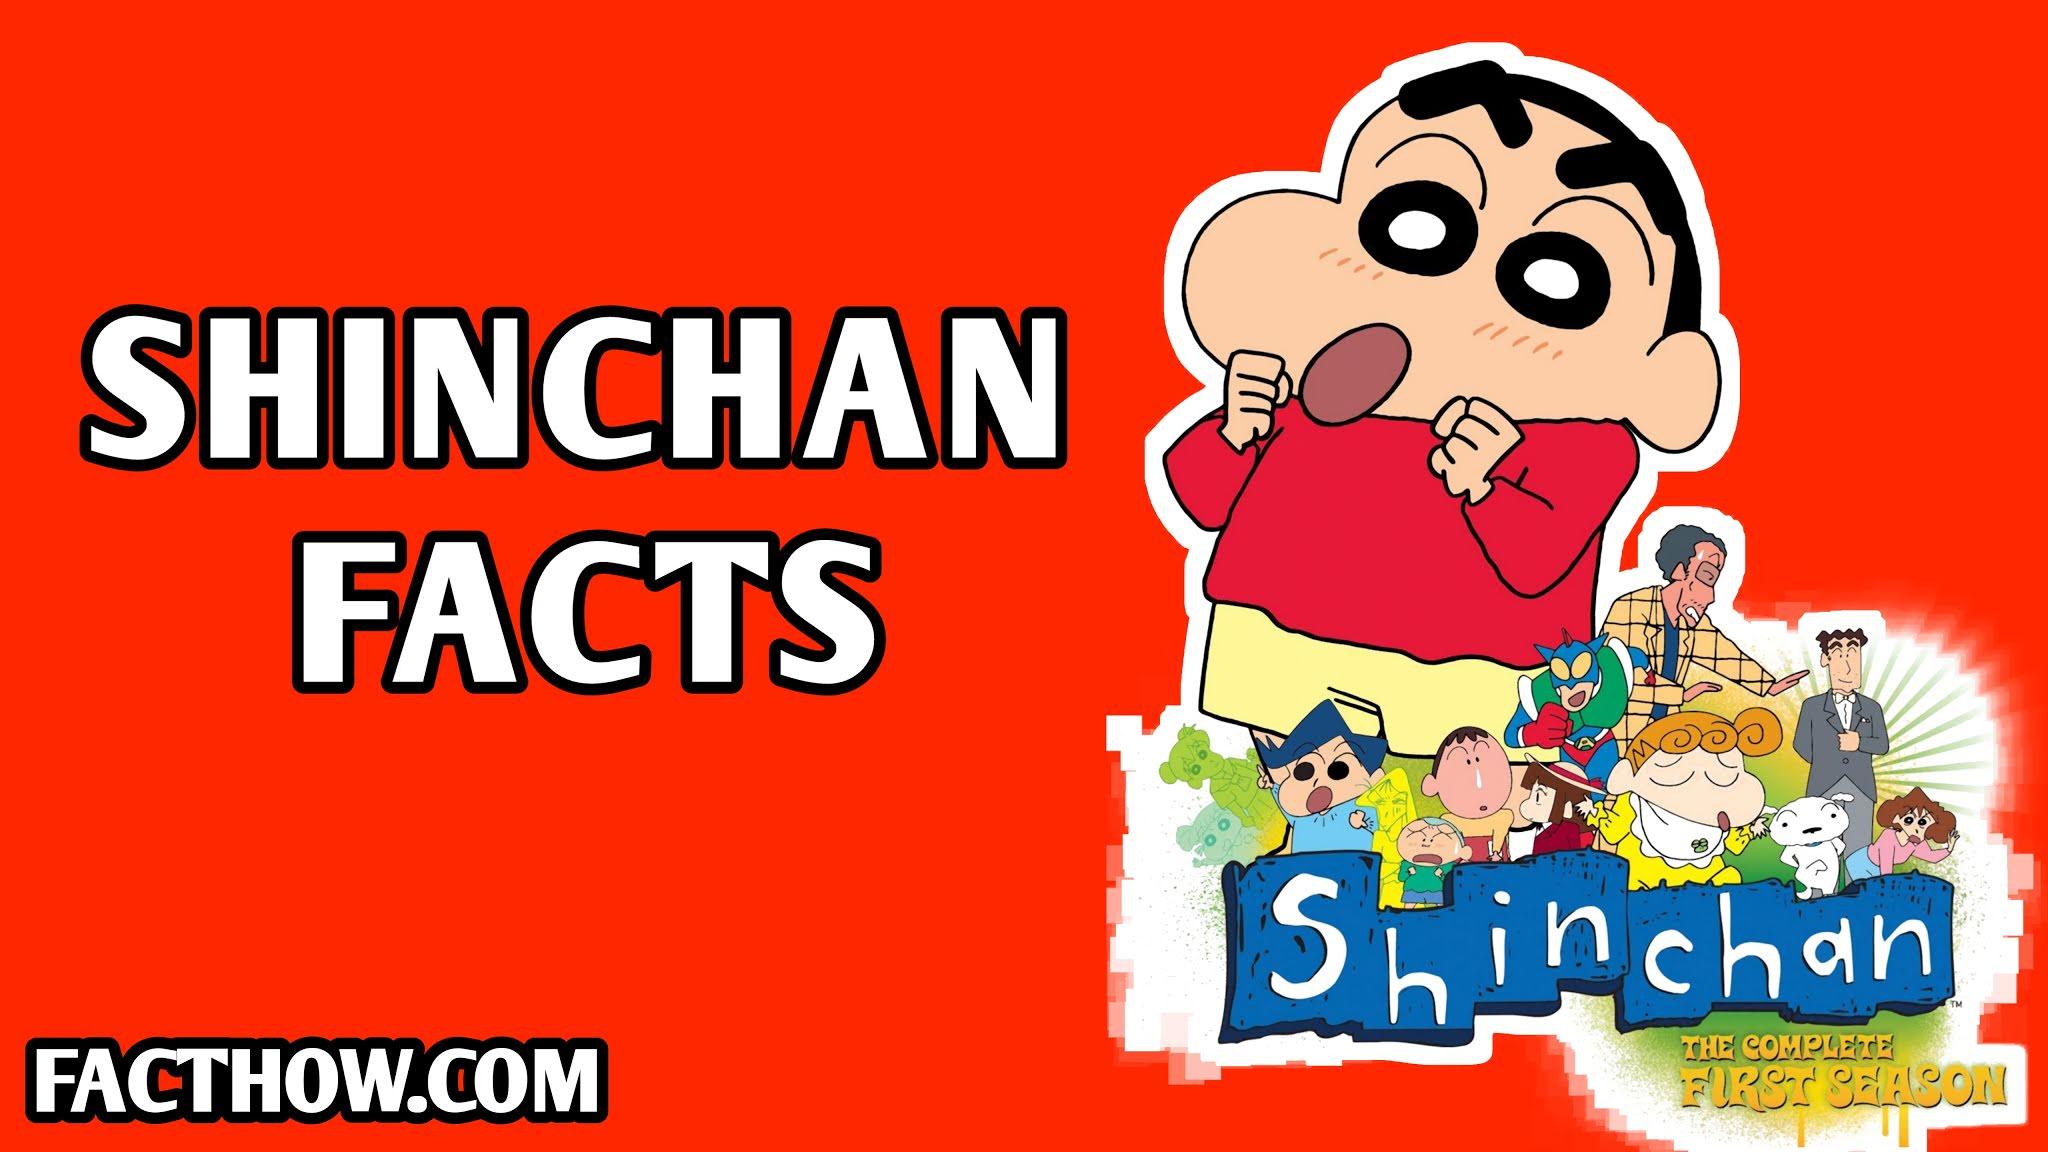 shinchan in hindi download, fact how, facthow, fact how.com, shinchan whatsapp status, shinchan movie kaanta laga, shinchan full movie in hindi, sinchan facts hindi, sinchan facts, sinchan rochak tathya, interesting facts about shinchan, crayon shinchan facts, shinchan whatsapp status, shinchan tshirt, watch shinchan online, shinchan voice changer app, 10 Facts About Shin Chan That Every Crazy Fan Must Know!, Awesome Shin Chan Facts, shinchan hindi wala, The Real Story Behind ShinChan   Wisdom in 2019, Why shinchan got banned in india ? Shinchan facts in hindi, shinchan, sinchan se jude facts in hindi, amazing cartoon facts hindi, shinchan facts,